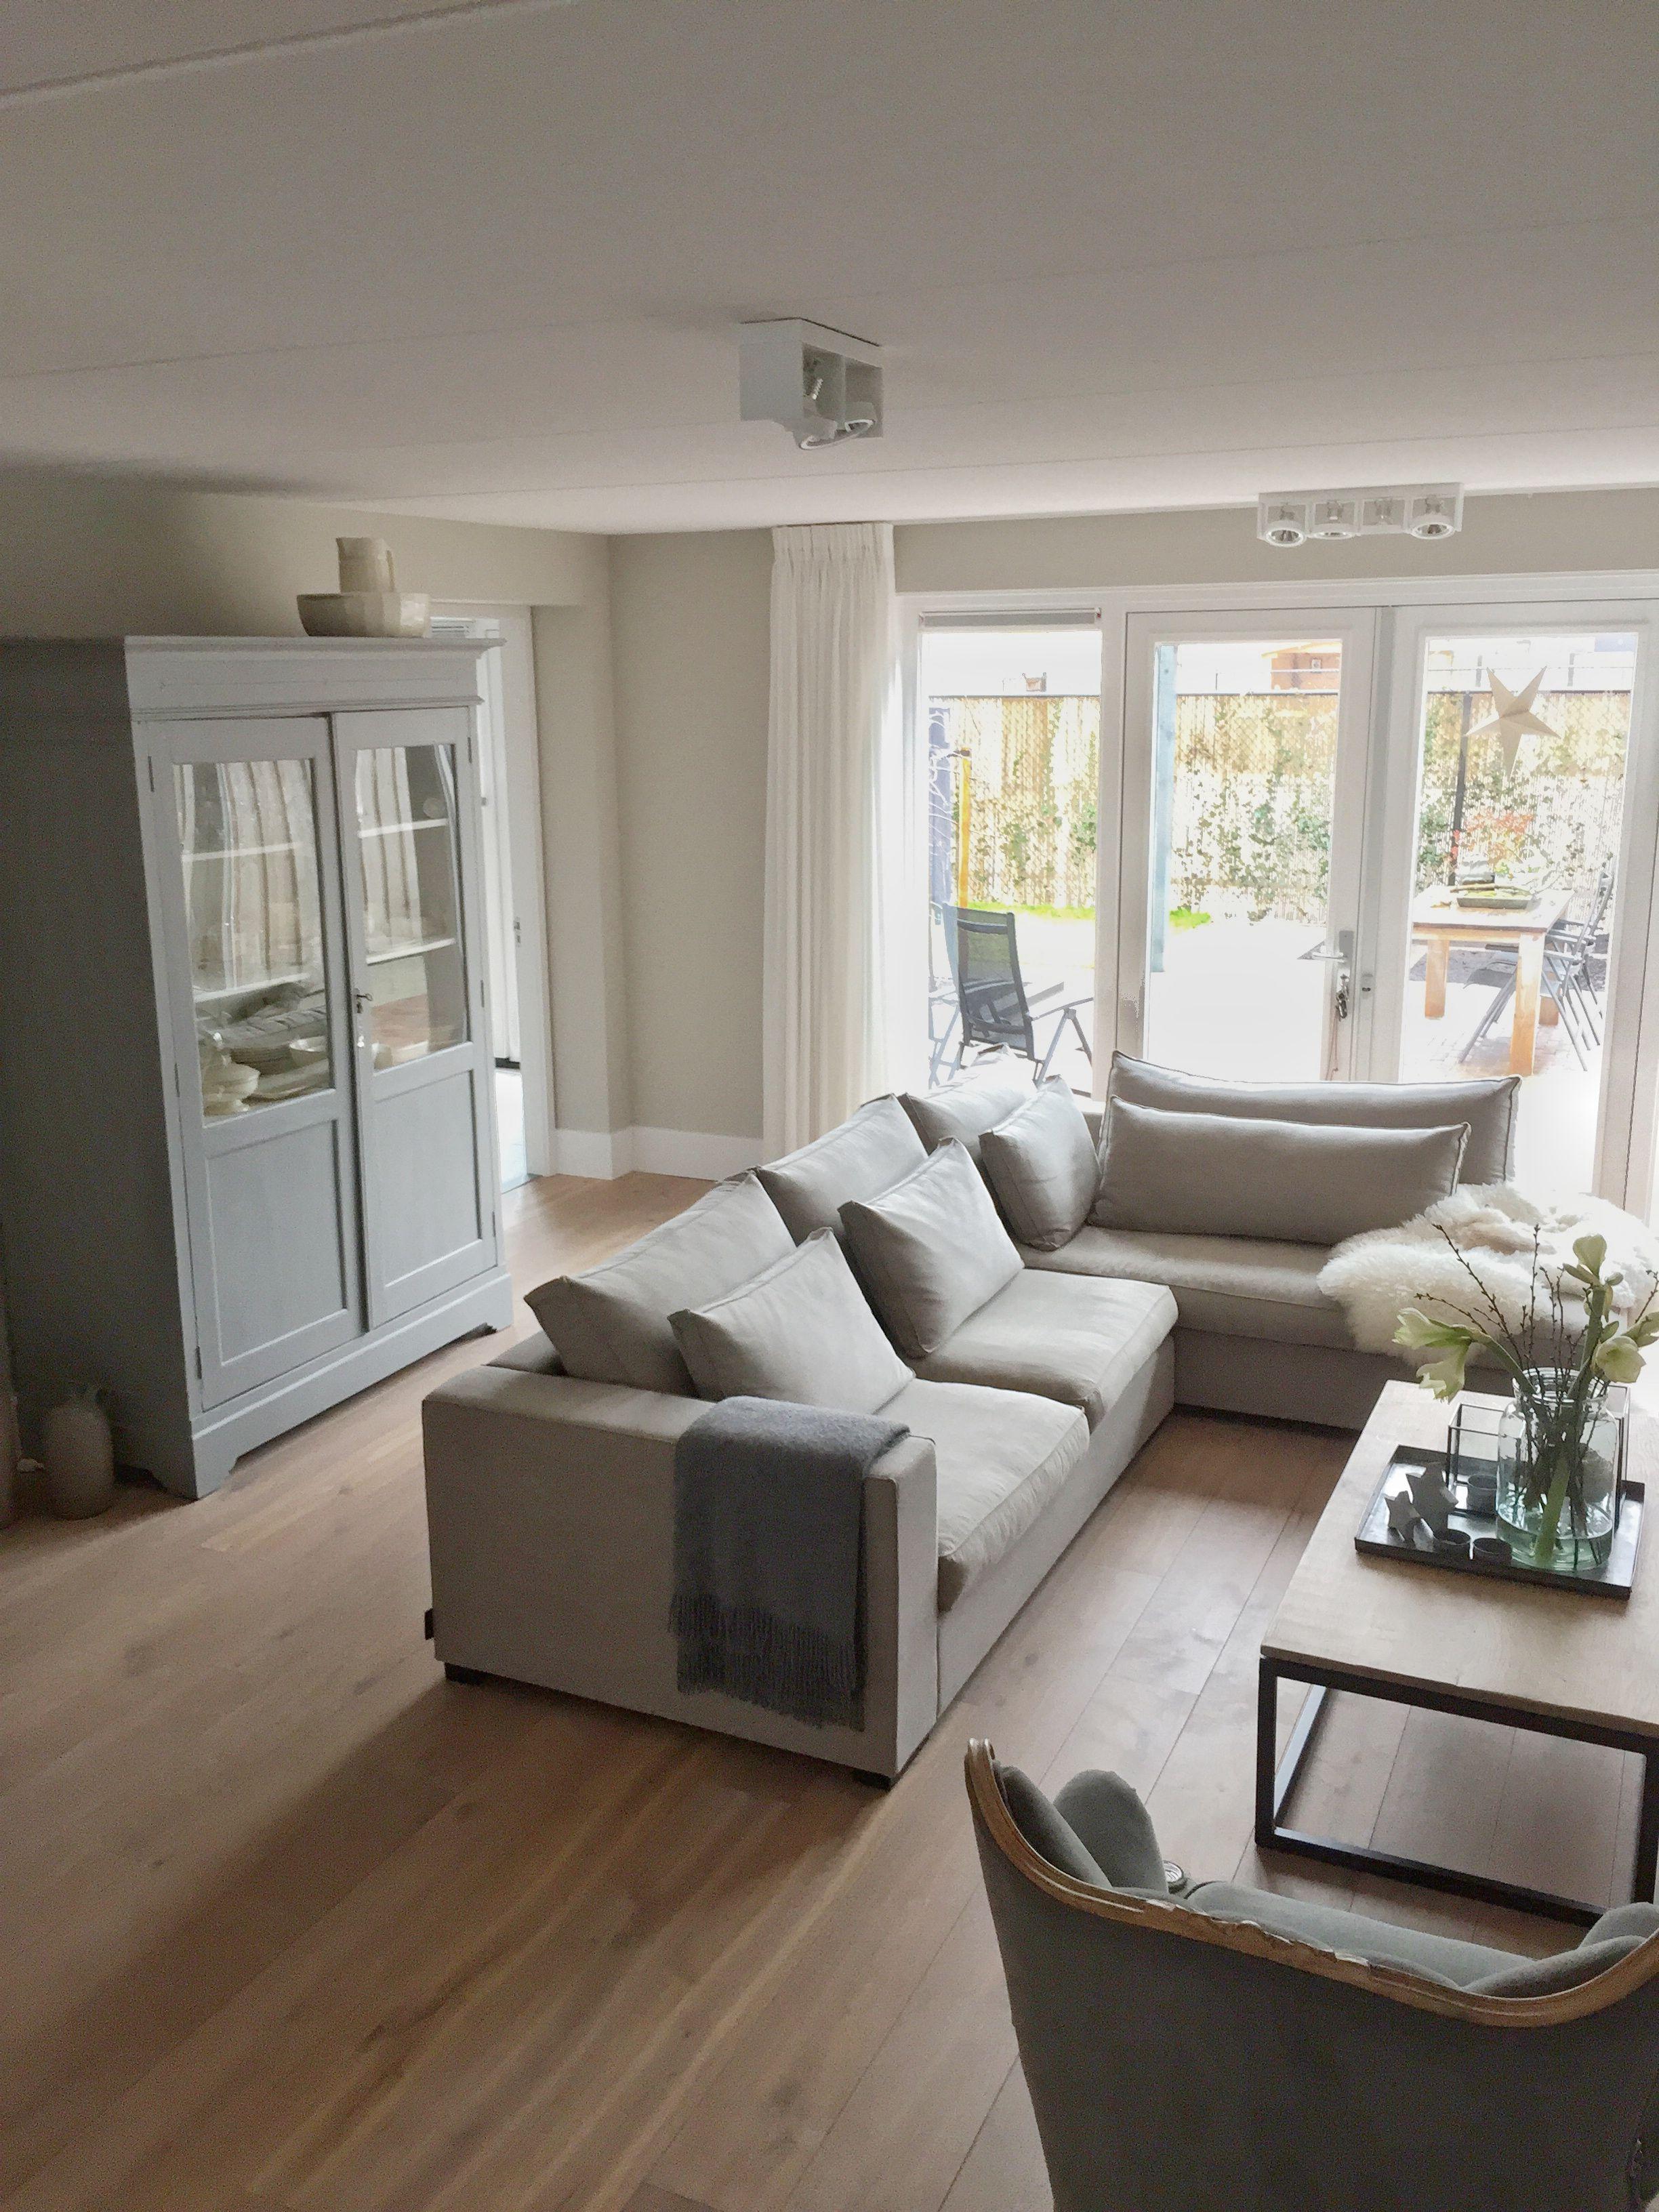 Livingroom/Woonkamer | Woonkamer | Pinterest | Wohnzimmer, Garage ...